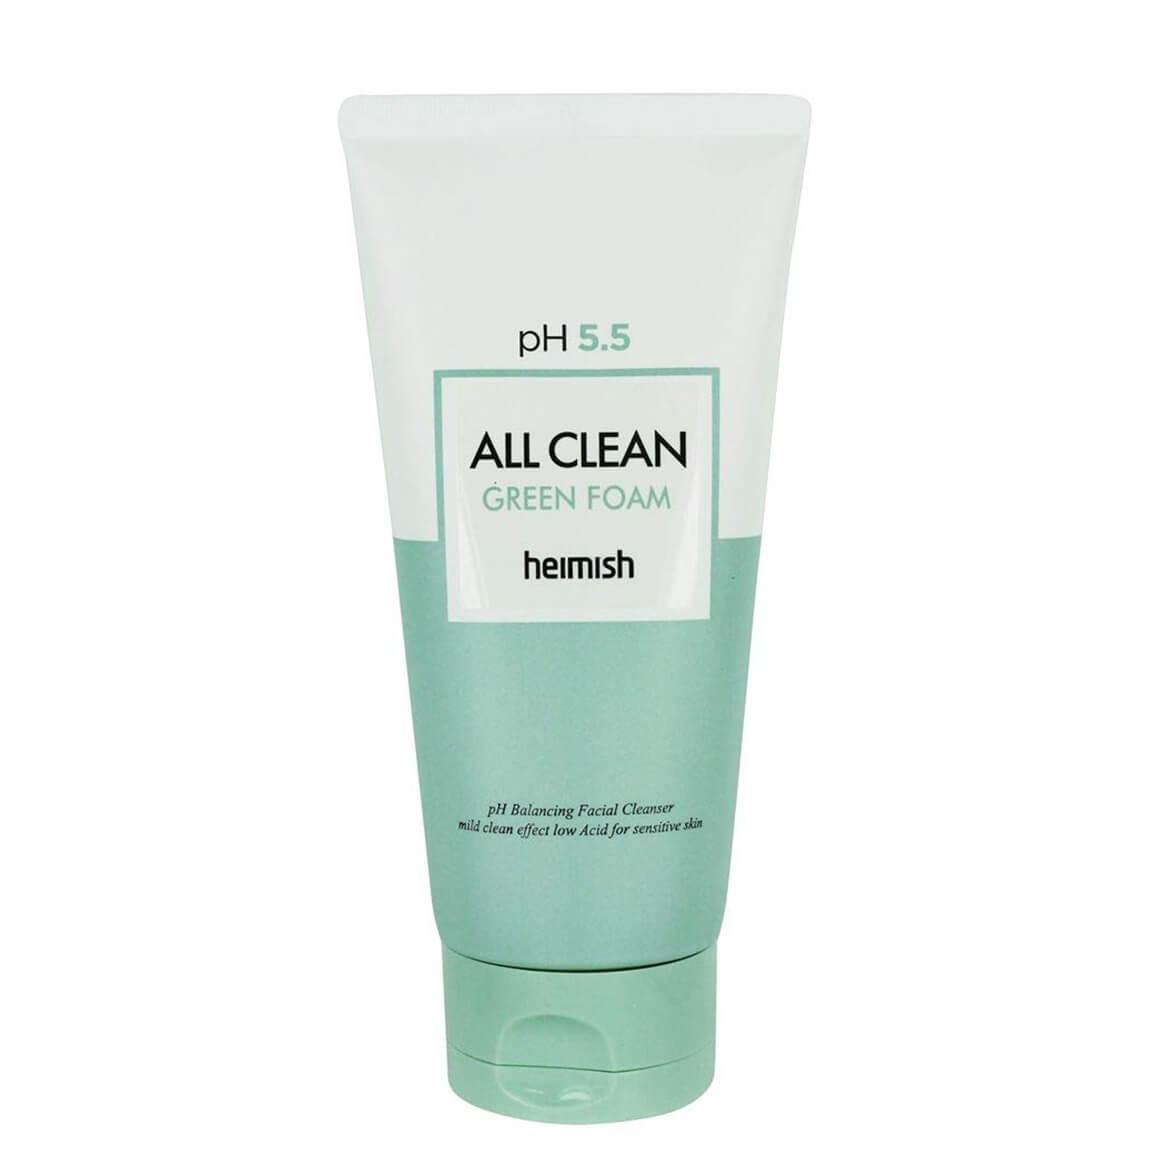 Heimish Слабокислотный гель для умывания чувствительной кожи pH 5.5 All Clean Green Foam / 150 мл.